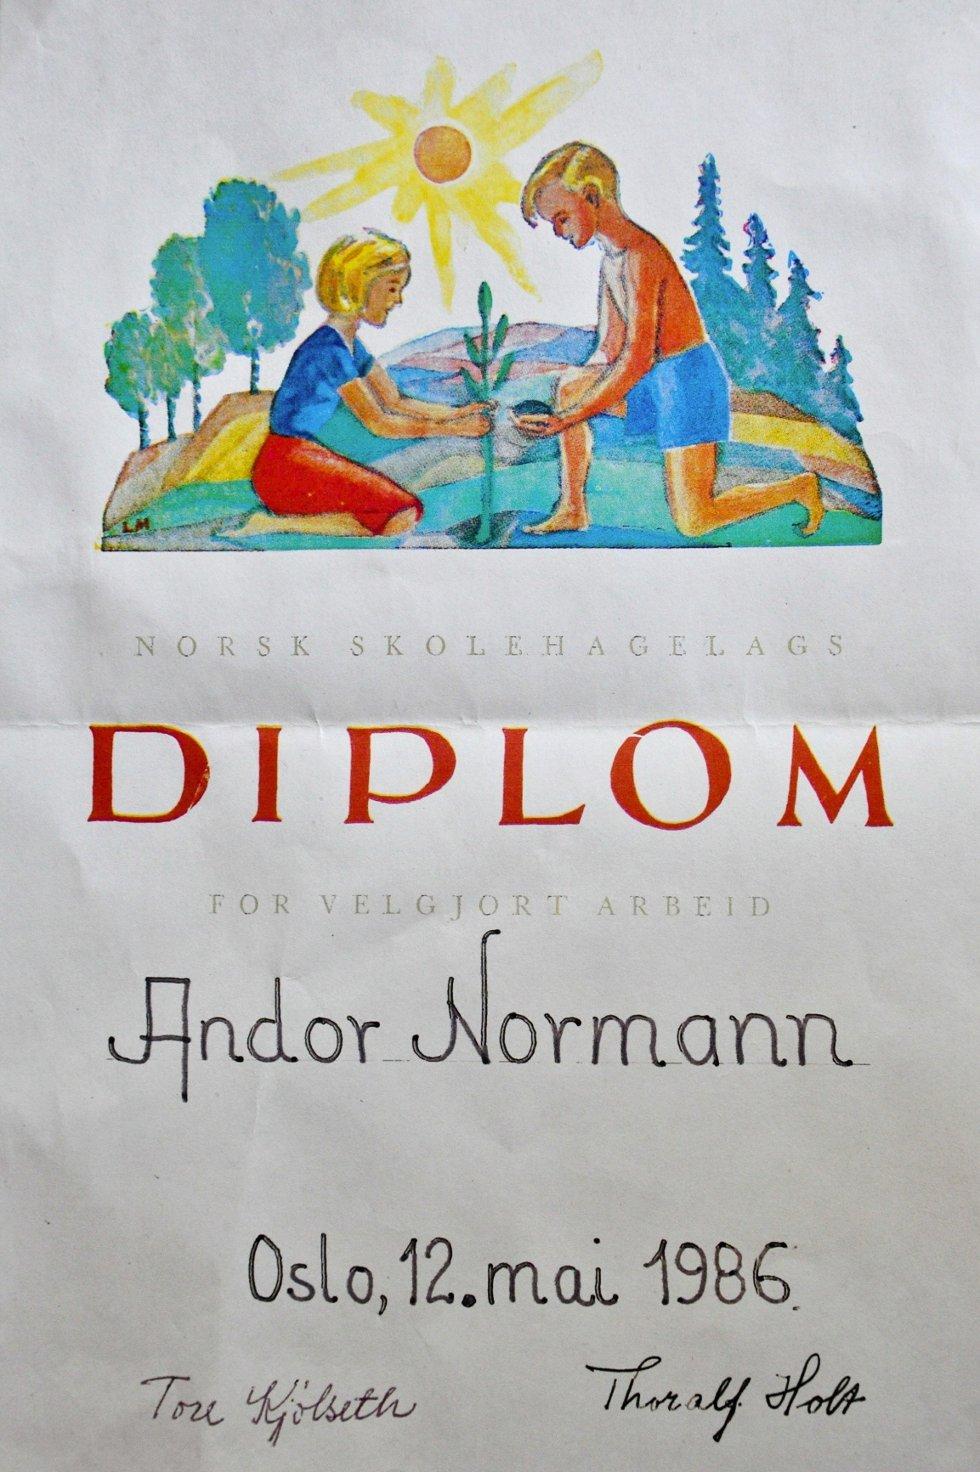 Plantepedagog: Andor Normann har lang fartstid som plantepedagog. Her et synlig bevis fra Norsk Skolehagelag.